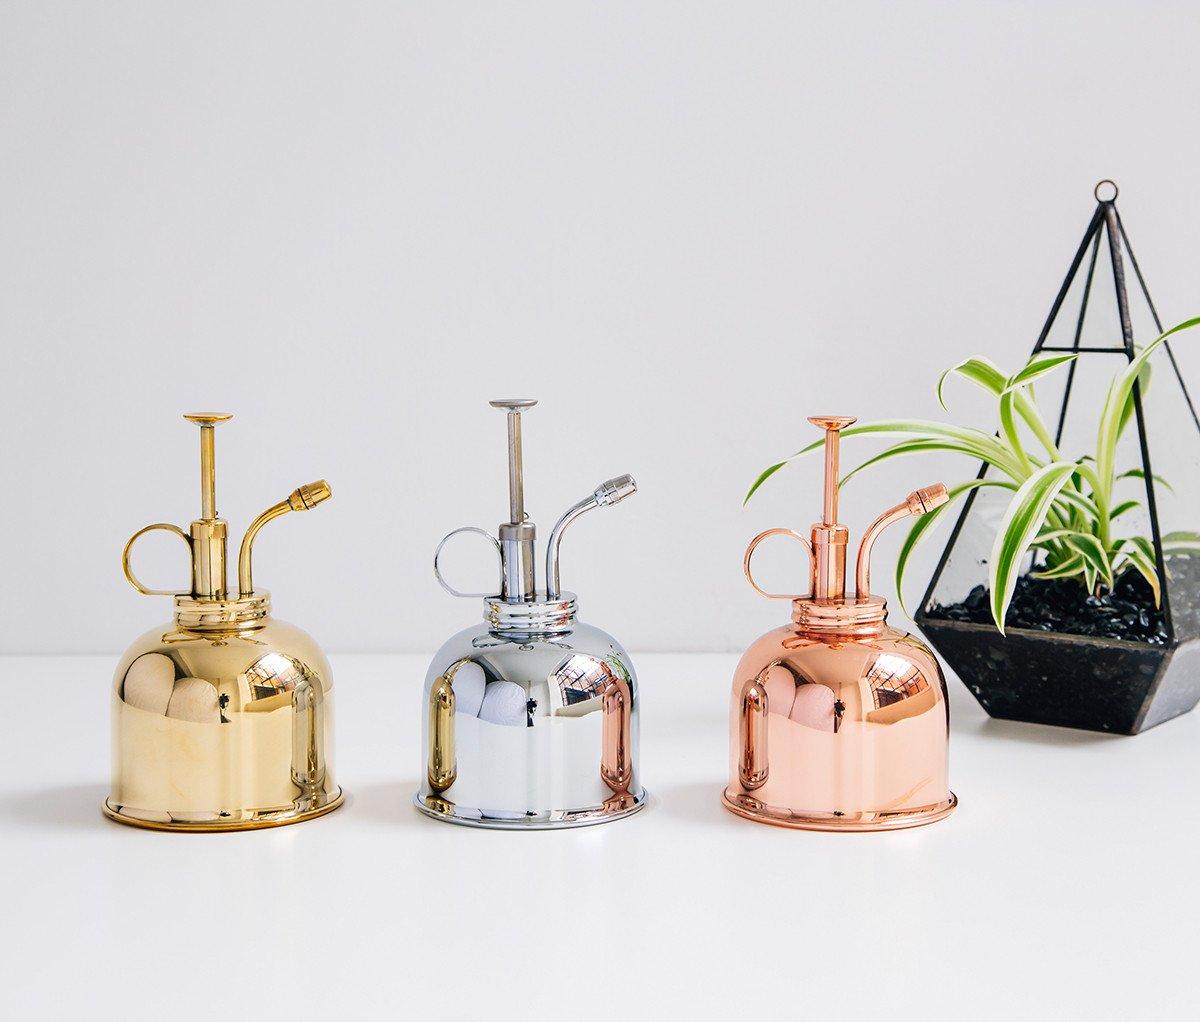 Zdjęcie przedstawiające trzy rozpylacze i roślinę